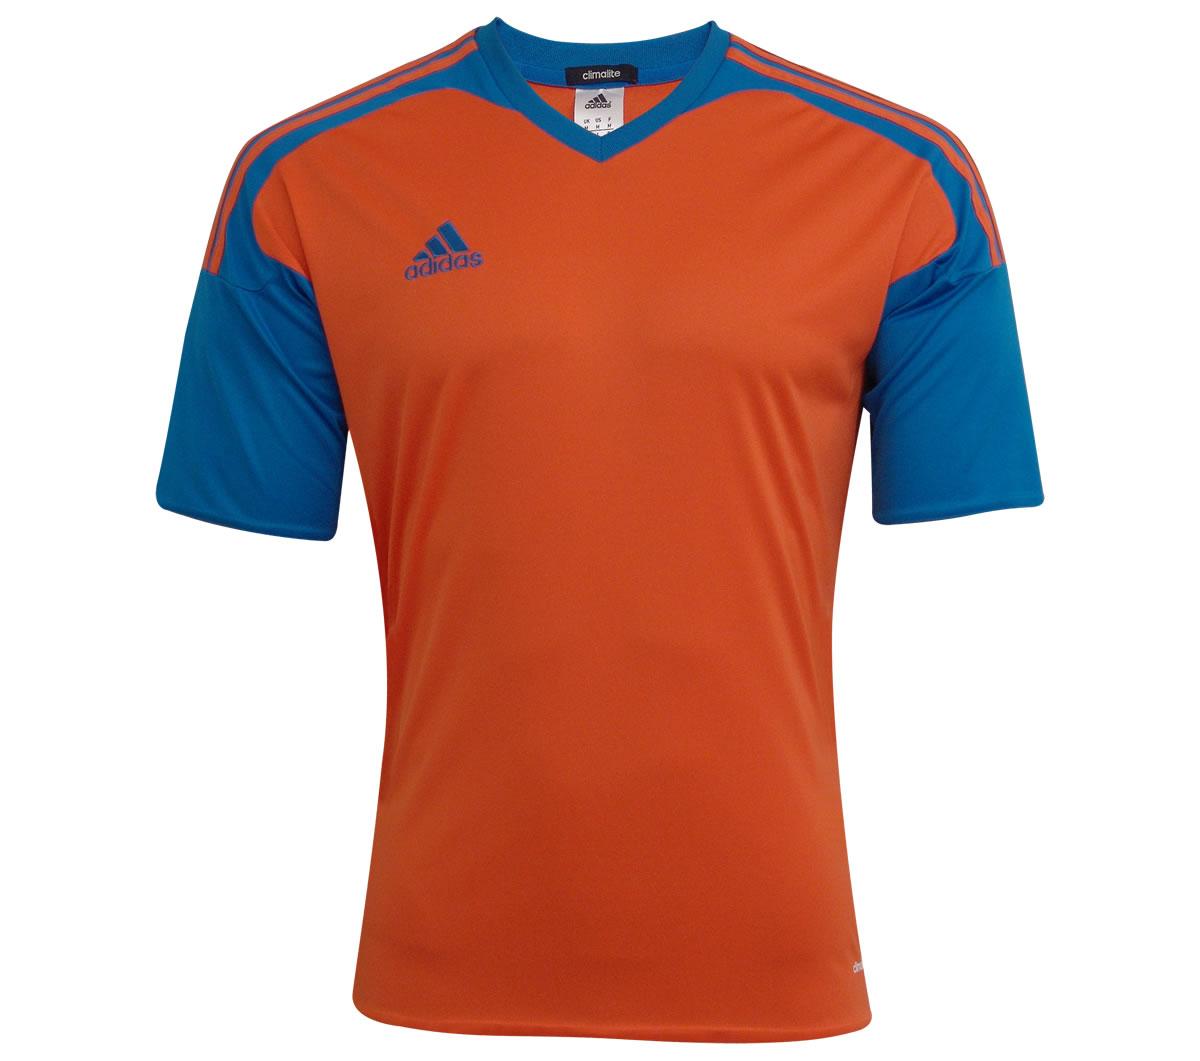 Camisa Adidas Team 13 Amarela e Branca - Mundo do Futebol e7ddf5006e950